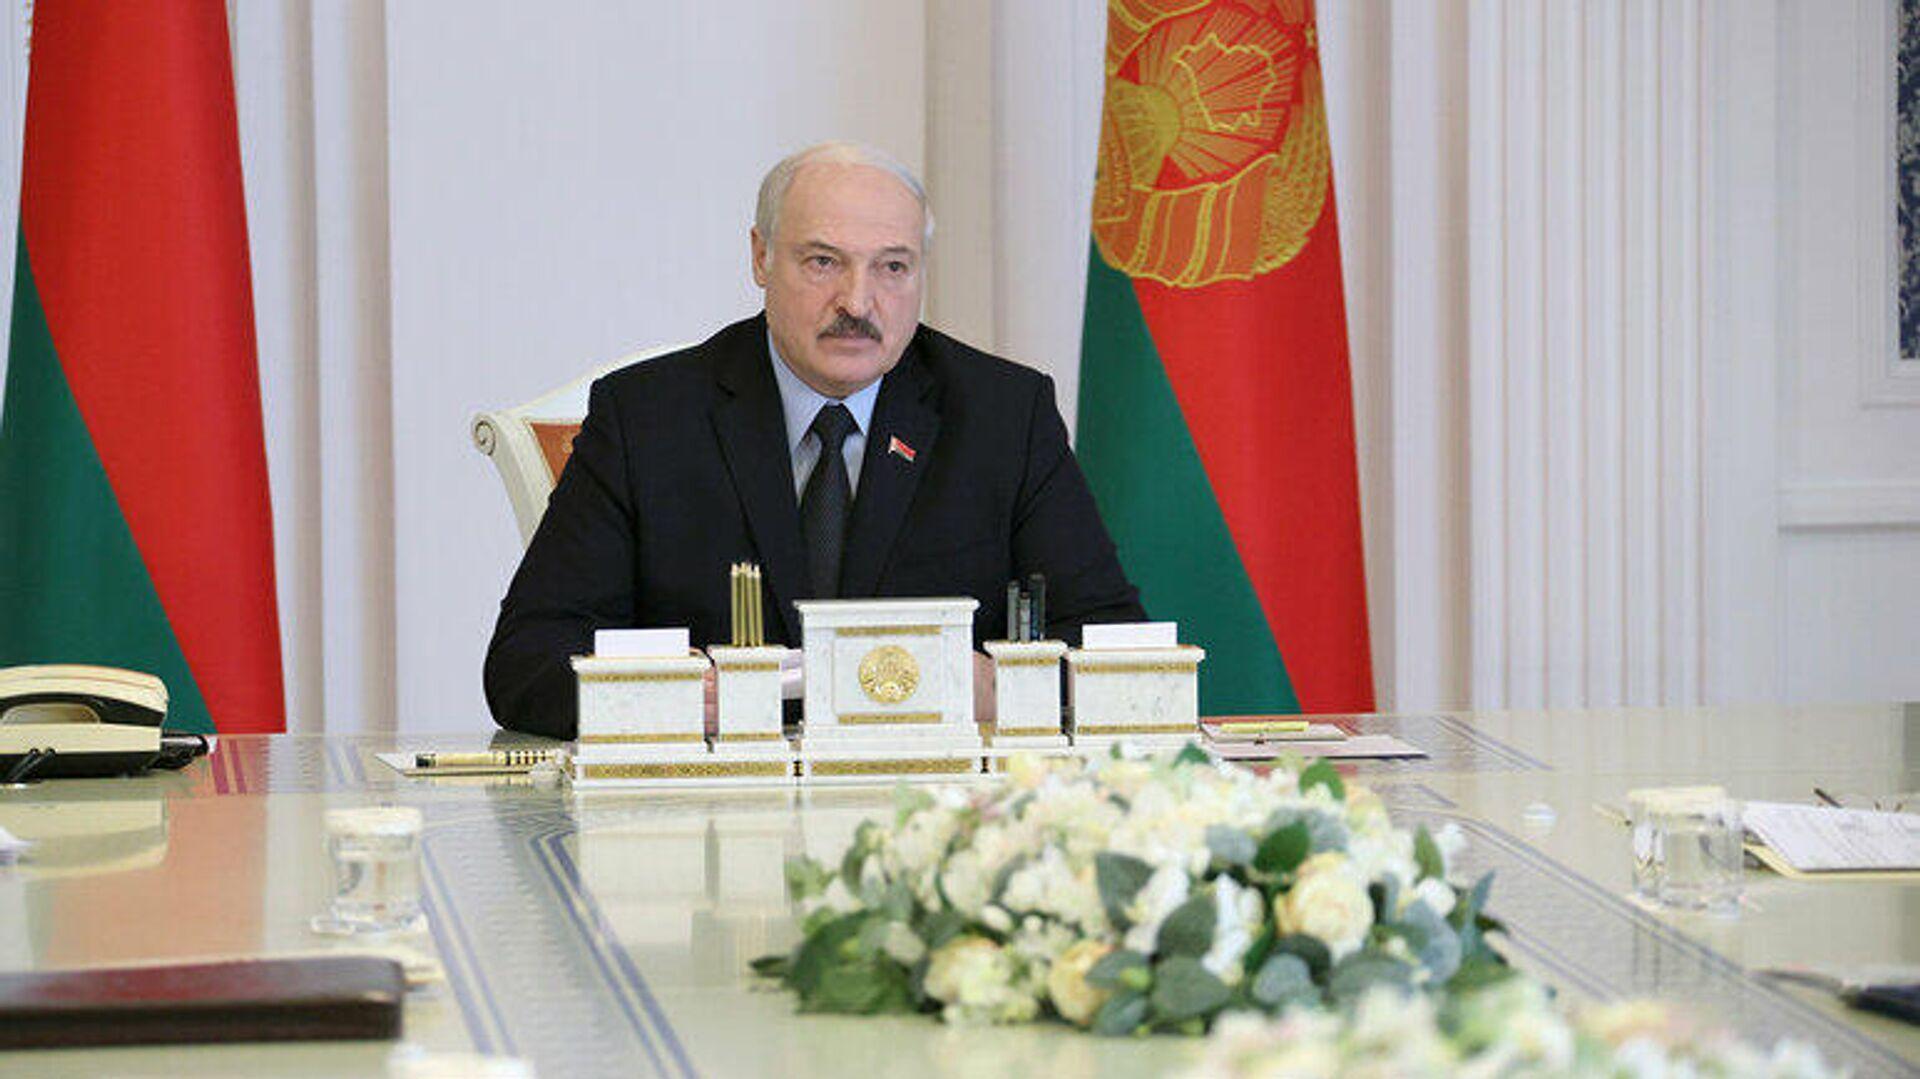 Лукашенко раскрыл подробности гибели сотрудника КГБ - Sputnik Беларусь, 1920, 01.10.2021